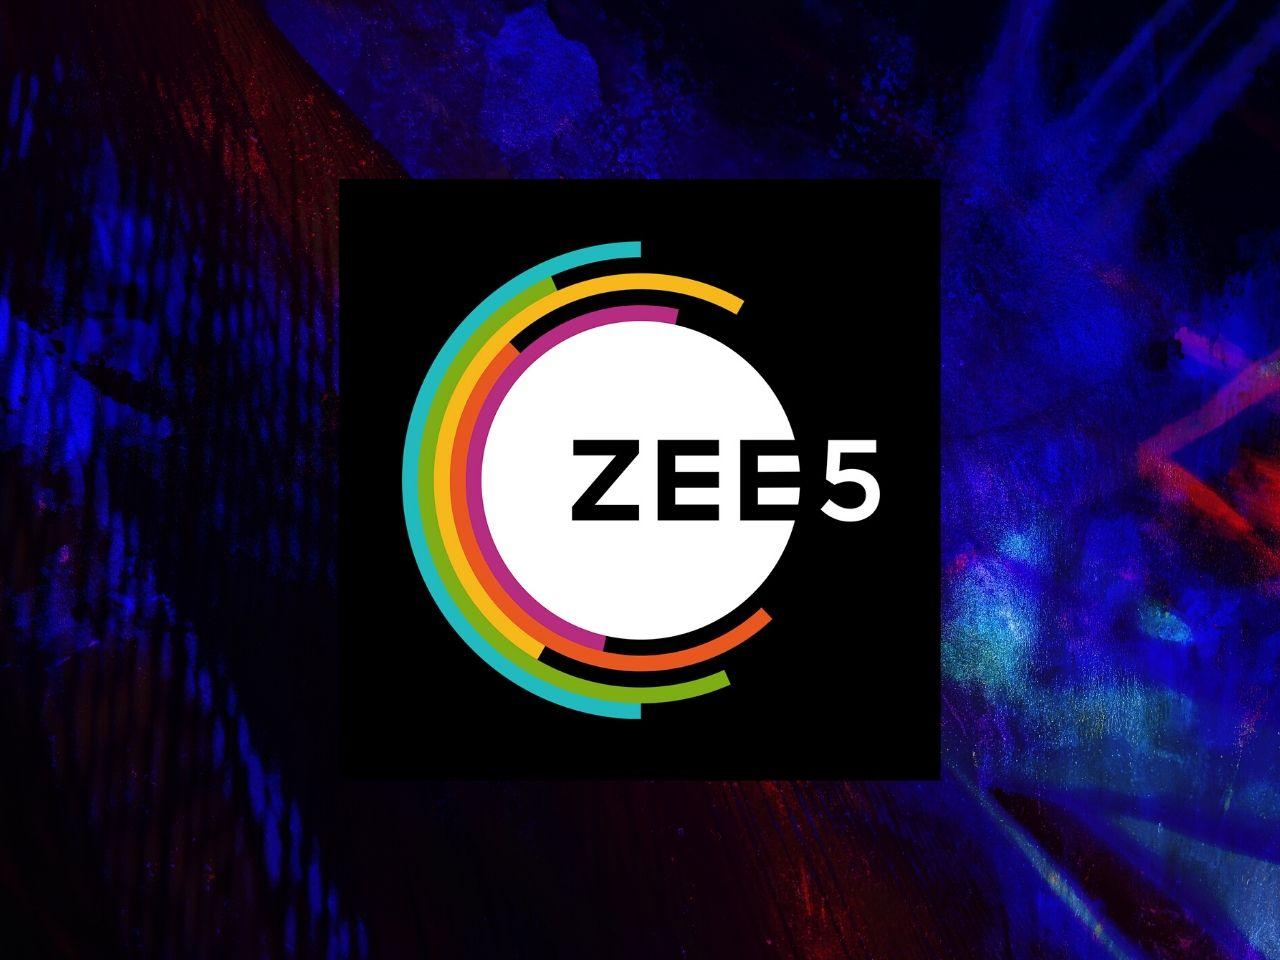 ZEE5.COM hackerato, dati rubati dalla popolare piattaforma video